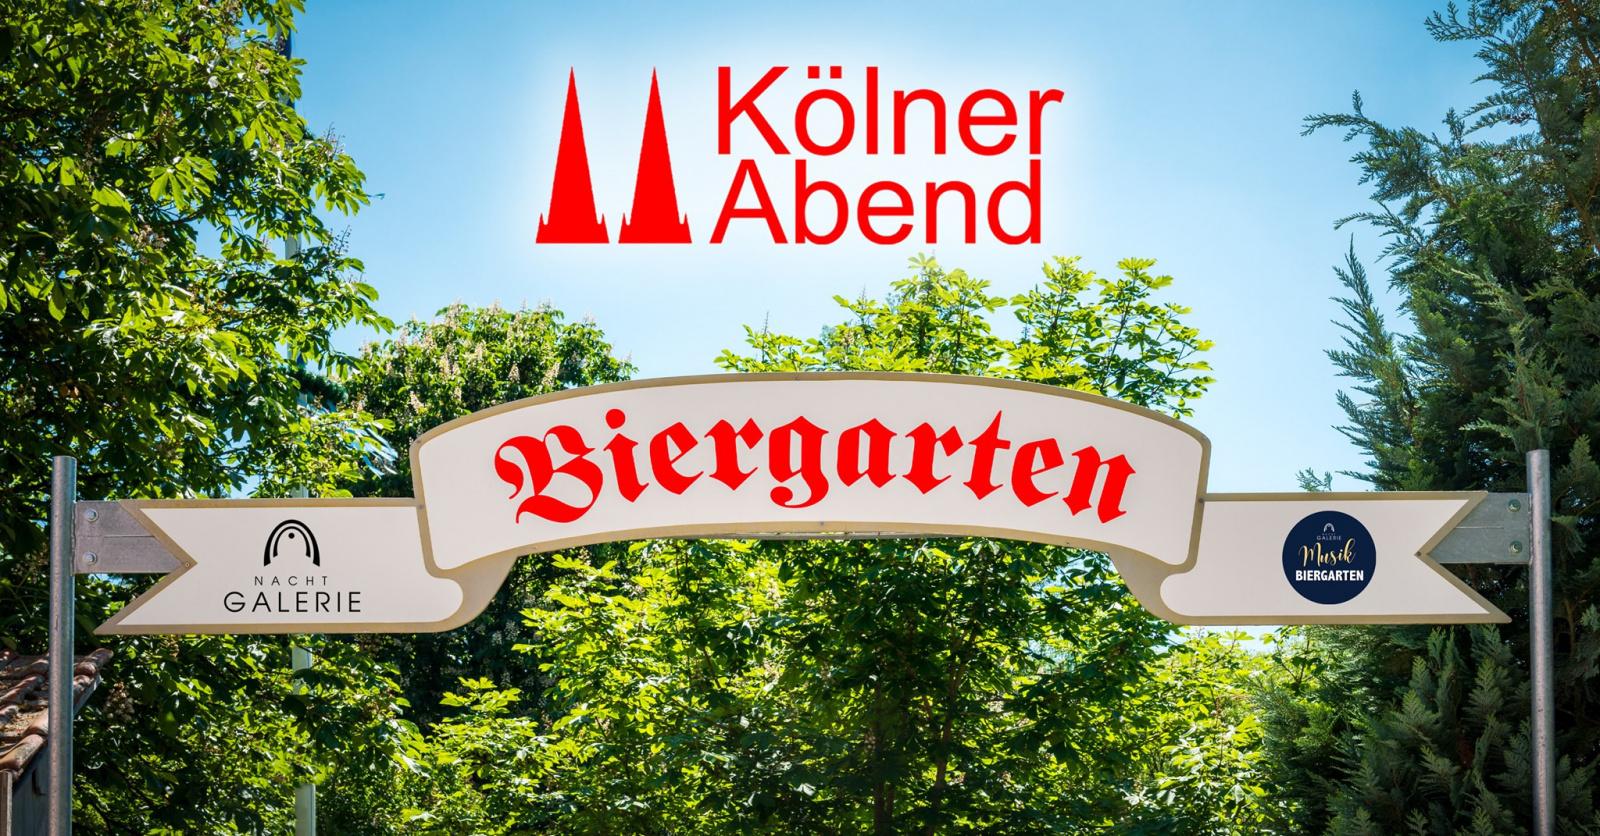 Kölner Abend Biergarten